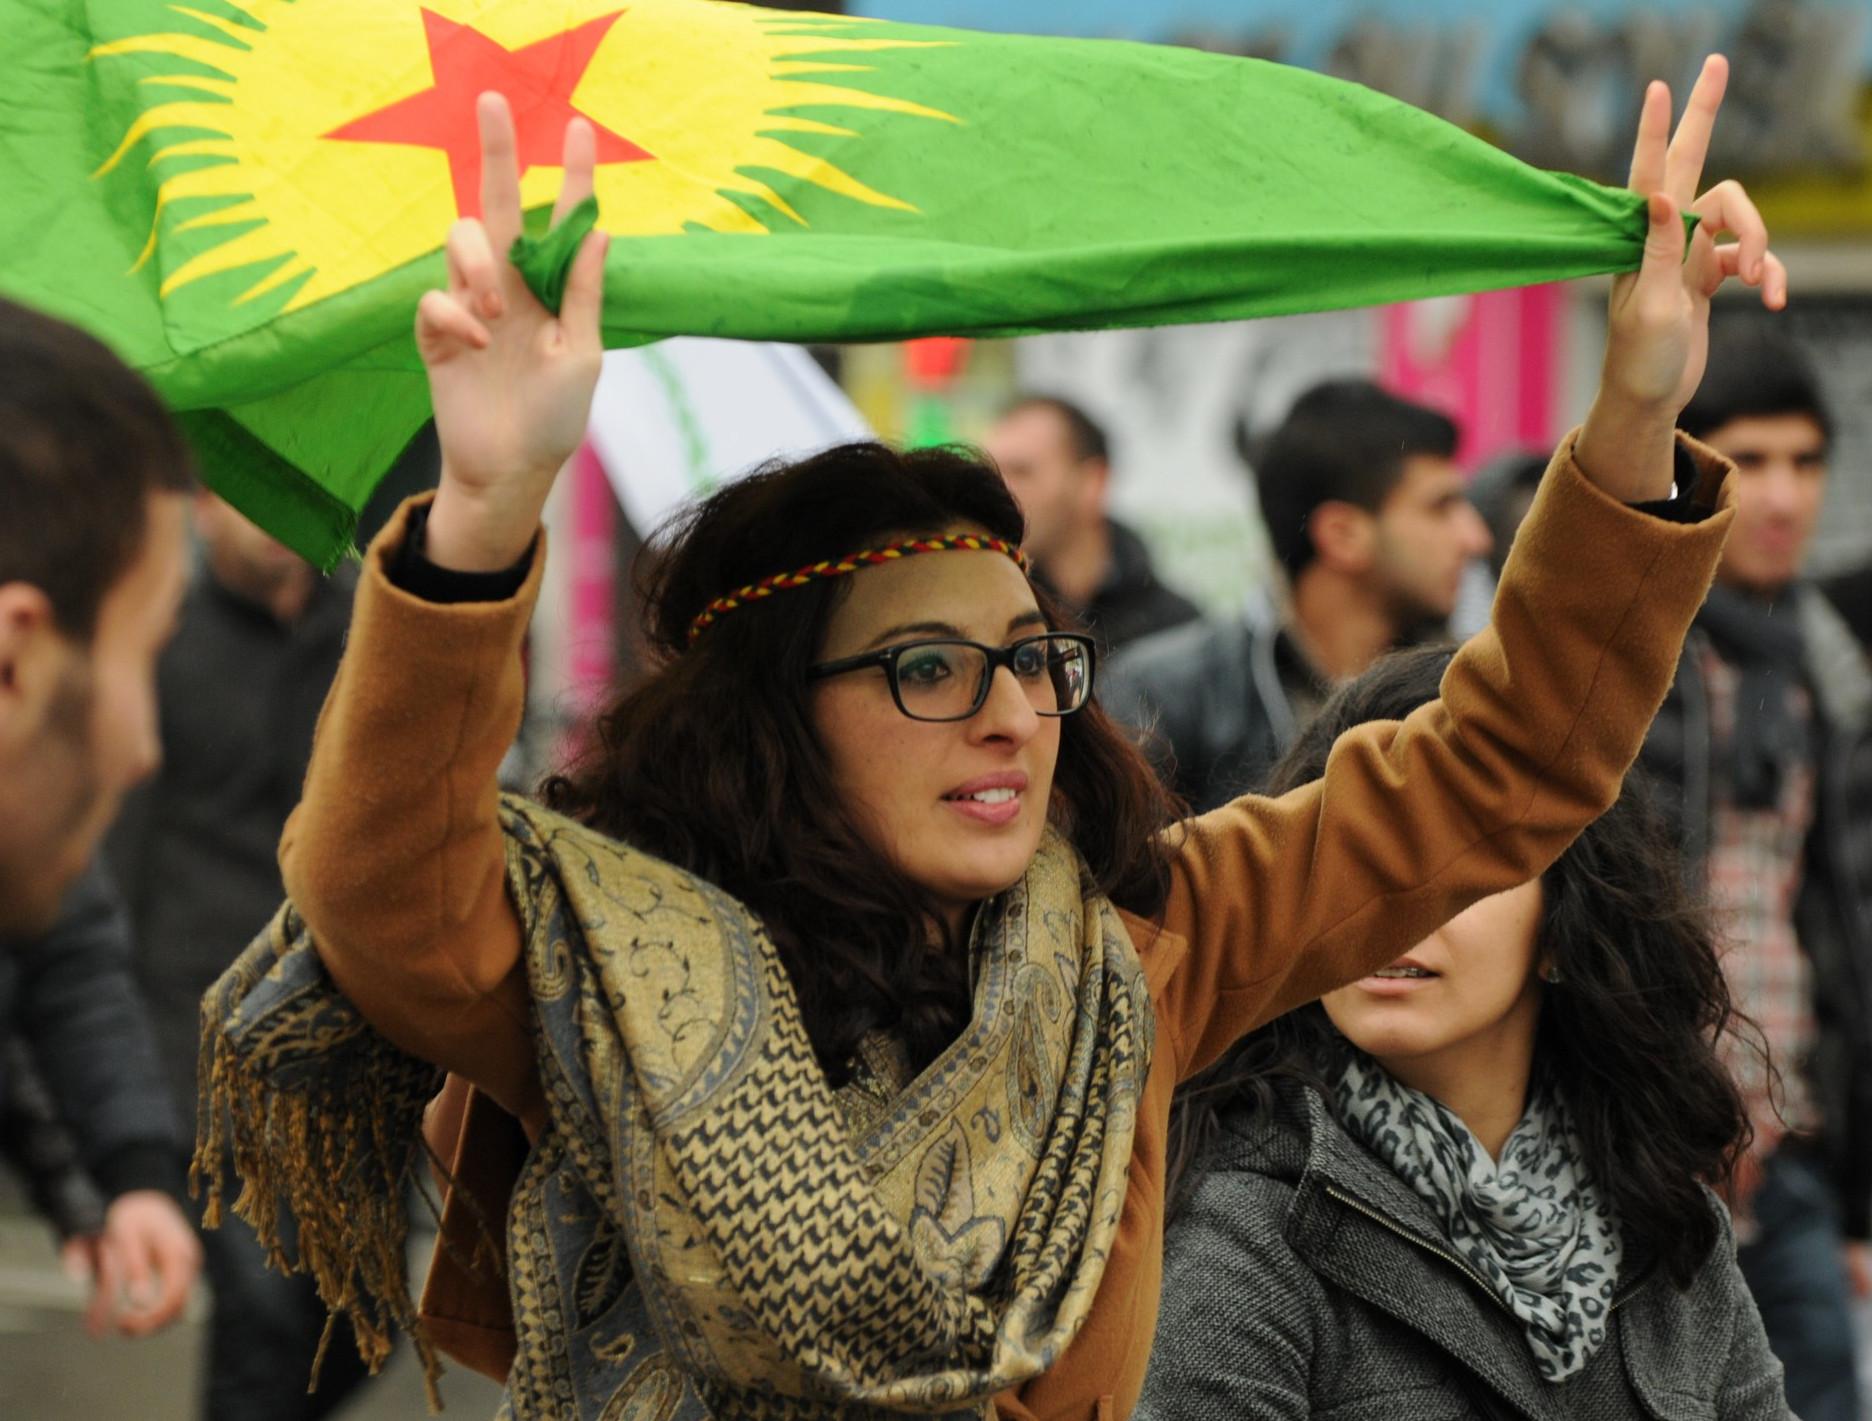 Le peuple kurde a le droit de déterminer son propre destin